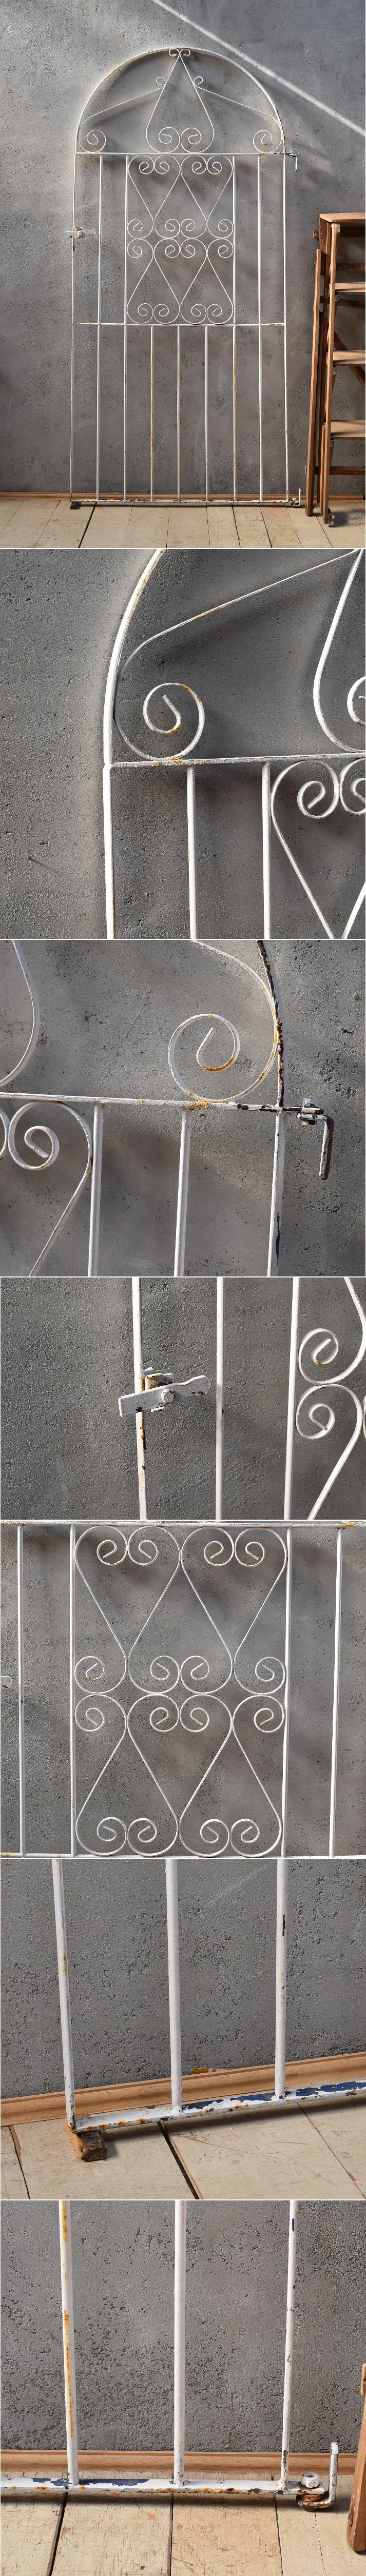 イギリスアンティーク アイアンフェンス ゲート柵 ガーデニング 6642